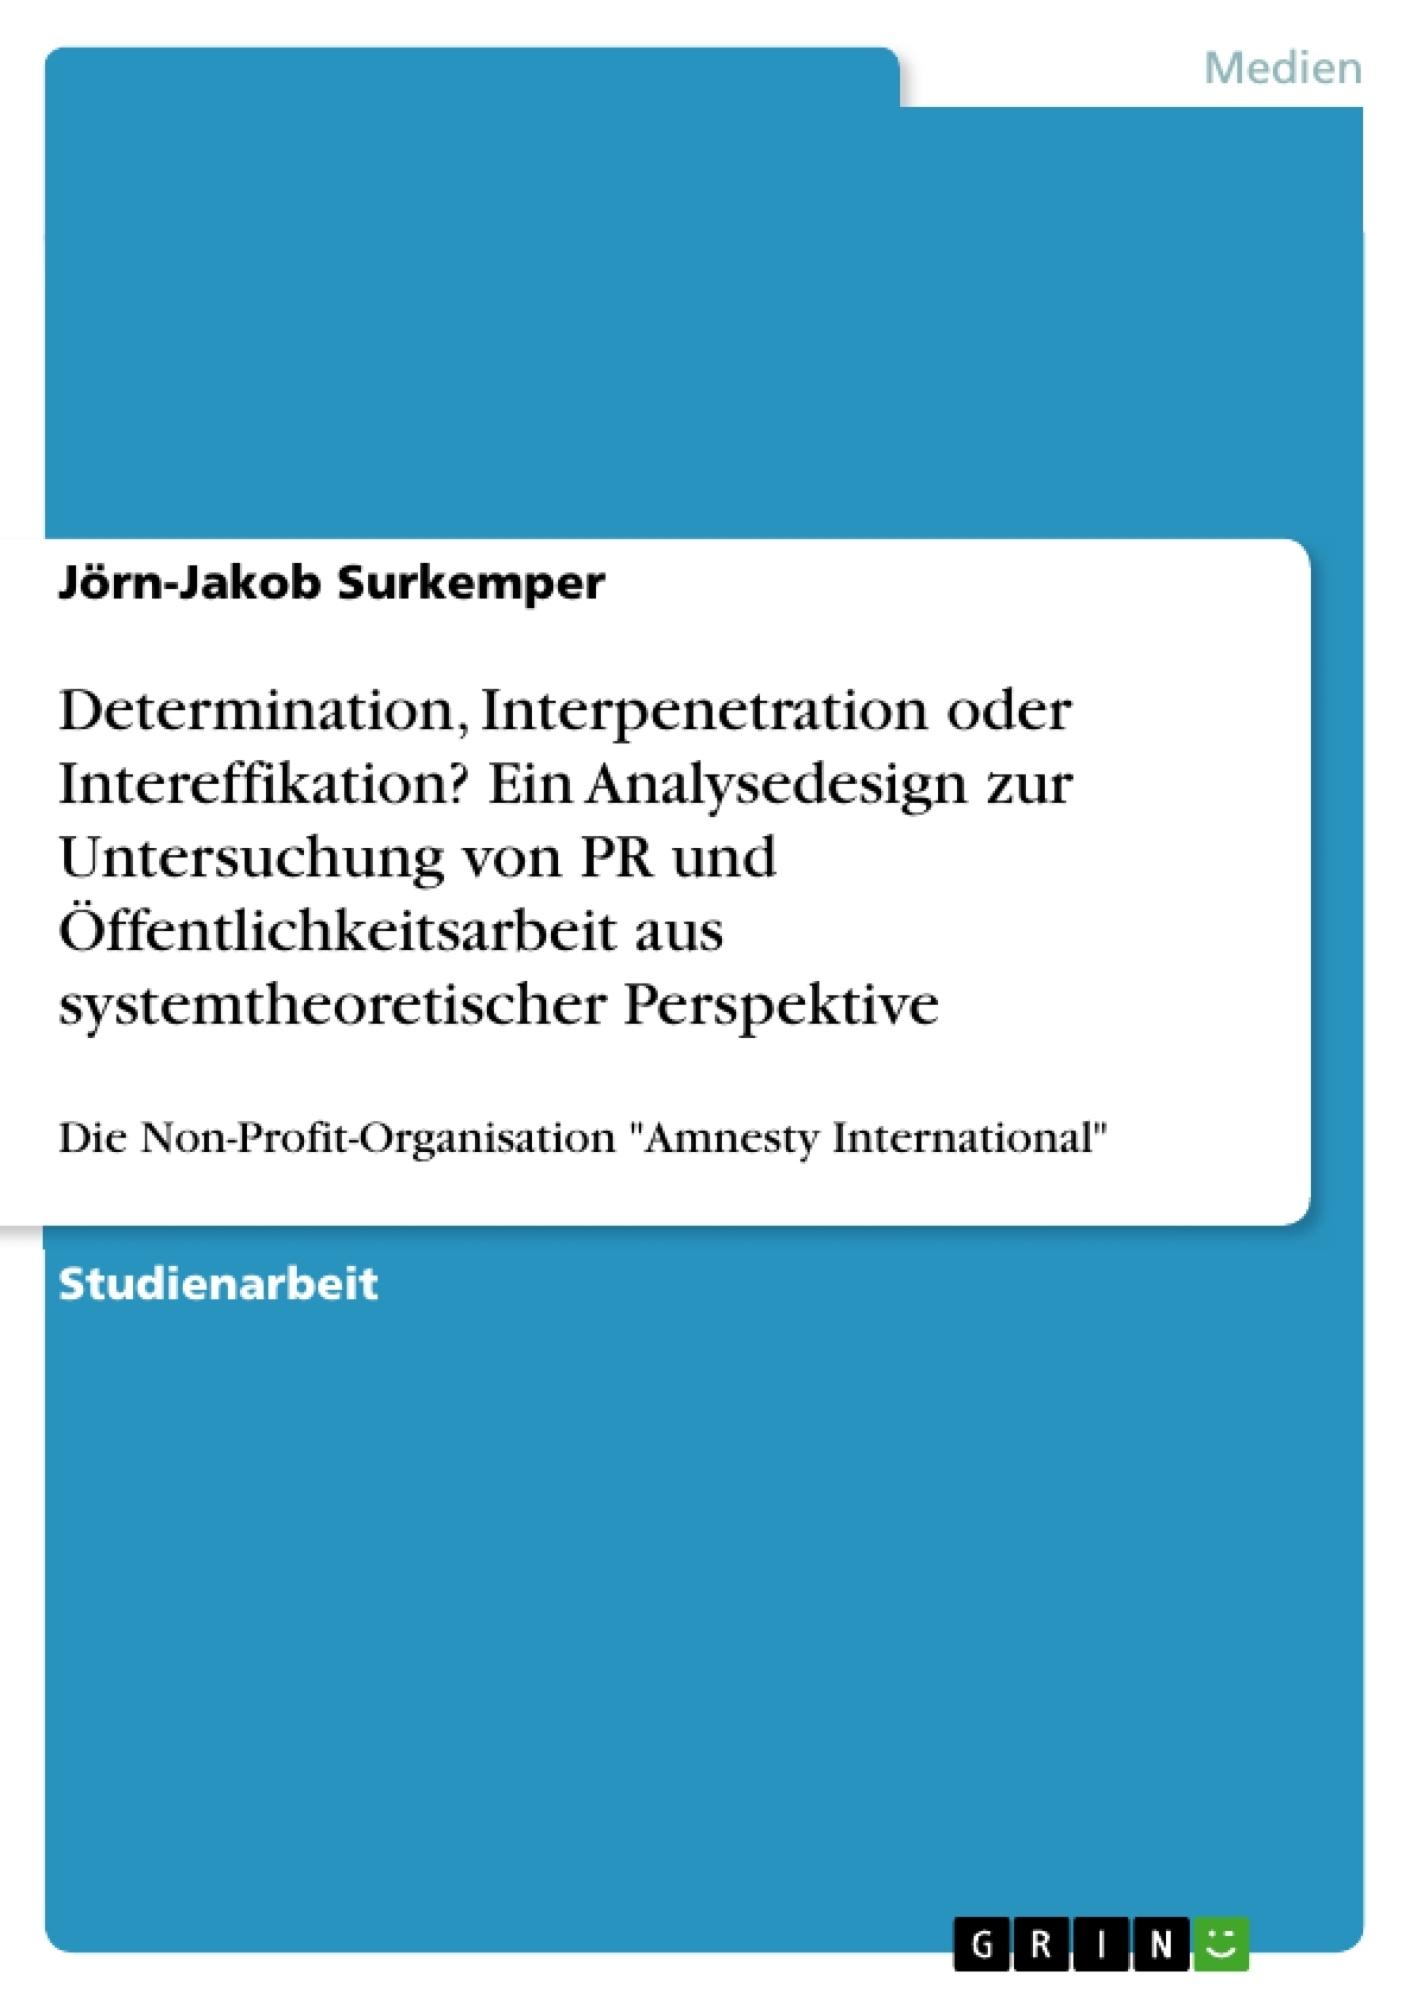 Titel: Determination, Interpenetration oder Intereffikation? Ein Analysedesign zur Untersuchung von PR und Öffentlichkeitsarbeit aus systemtheoretischer Perspektive